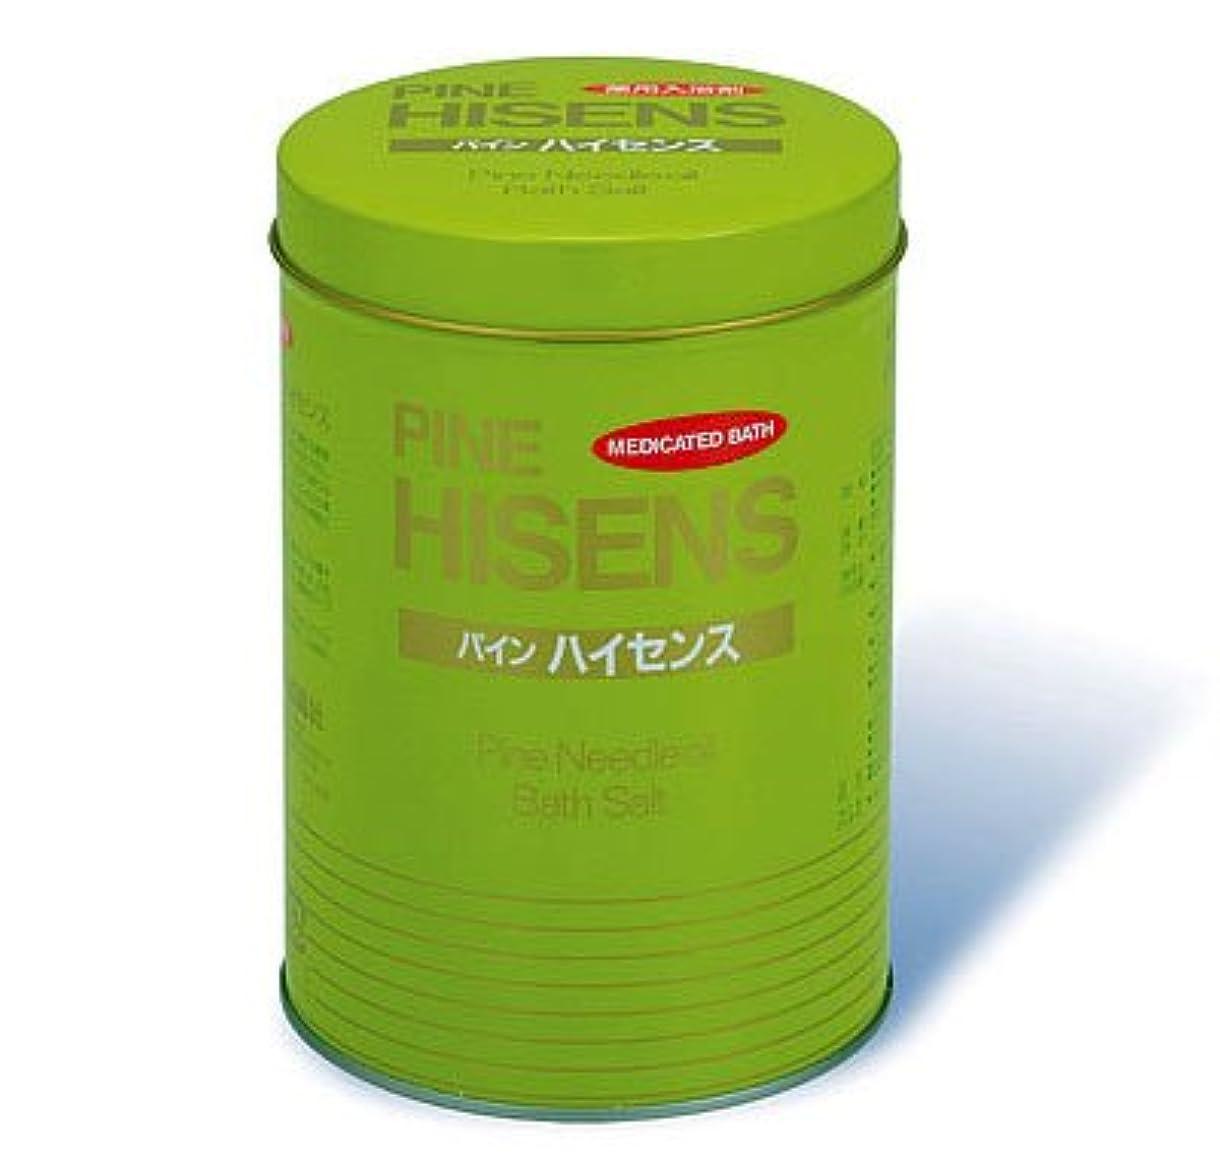 簡略化するナサニエル区お茶高陽社 薬用入浴剤 パインハイセンス 2.1kg 1缶